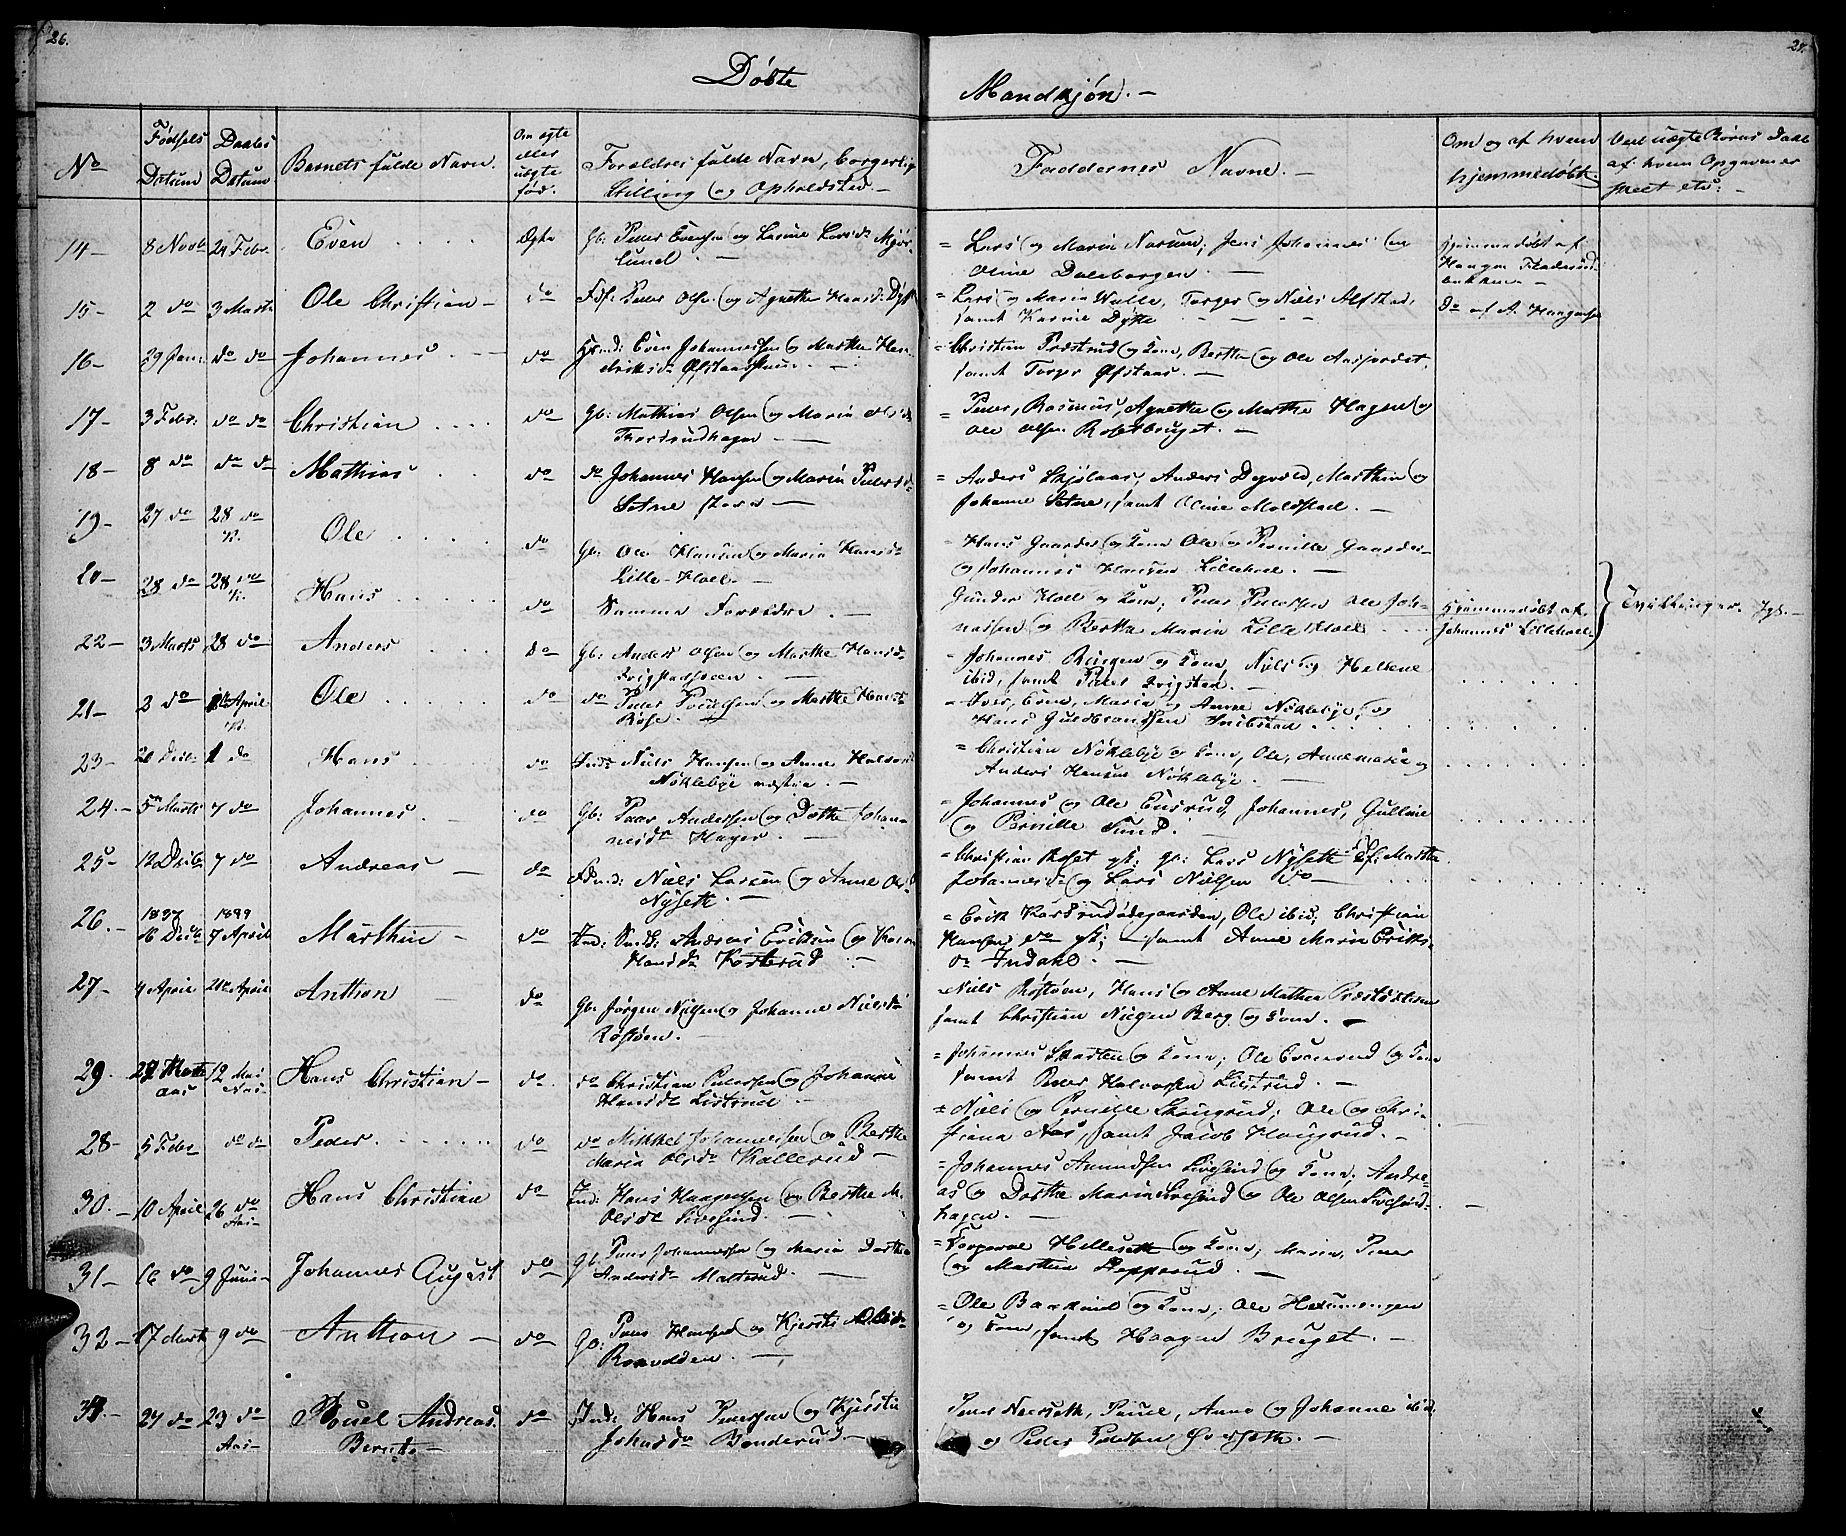 SAH, Vestre Toten prestekontor, H/Ha/Hab/L0002: Klokkerbok nr. 2, 1836-1848, s. 26-27